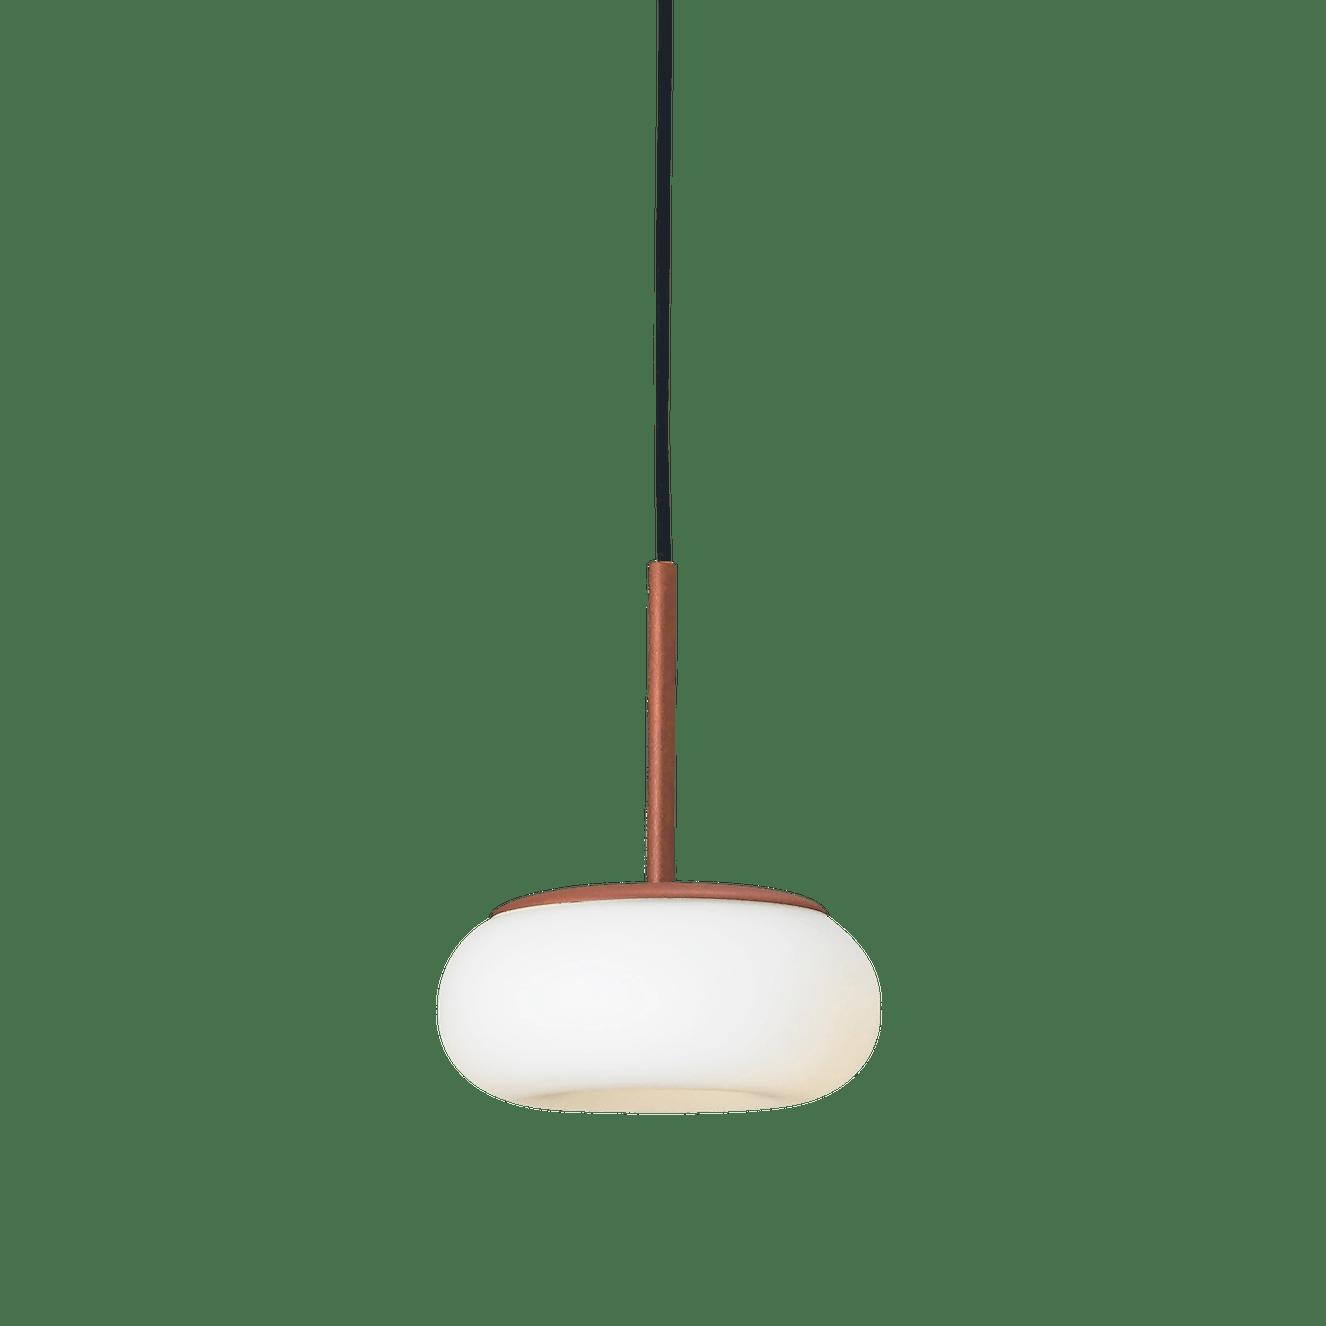 Ago lighting small mozzi pendant terracotta lit haute living